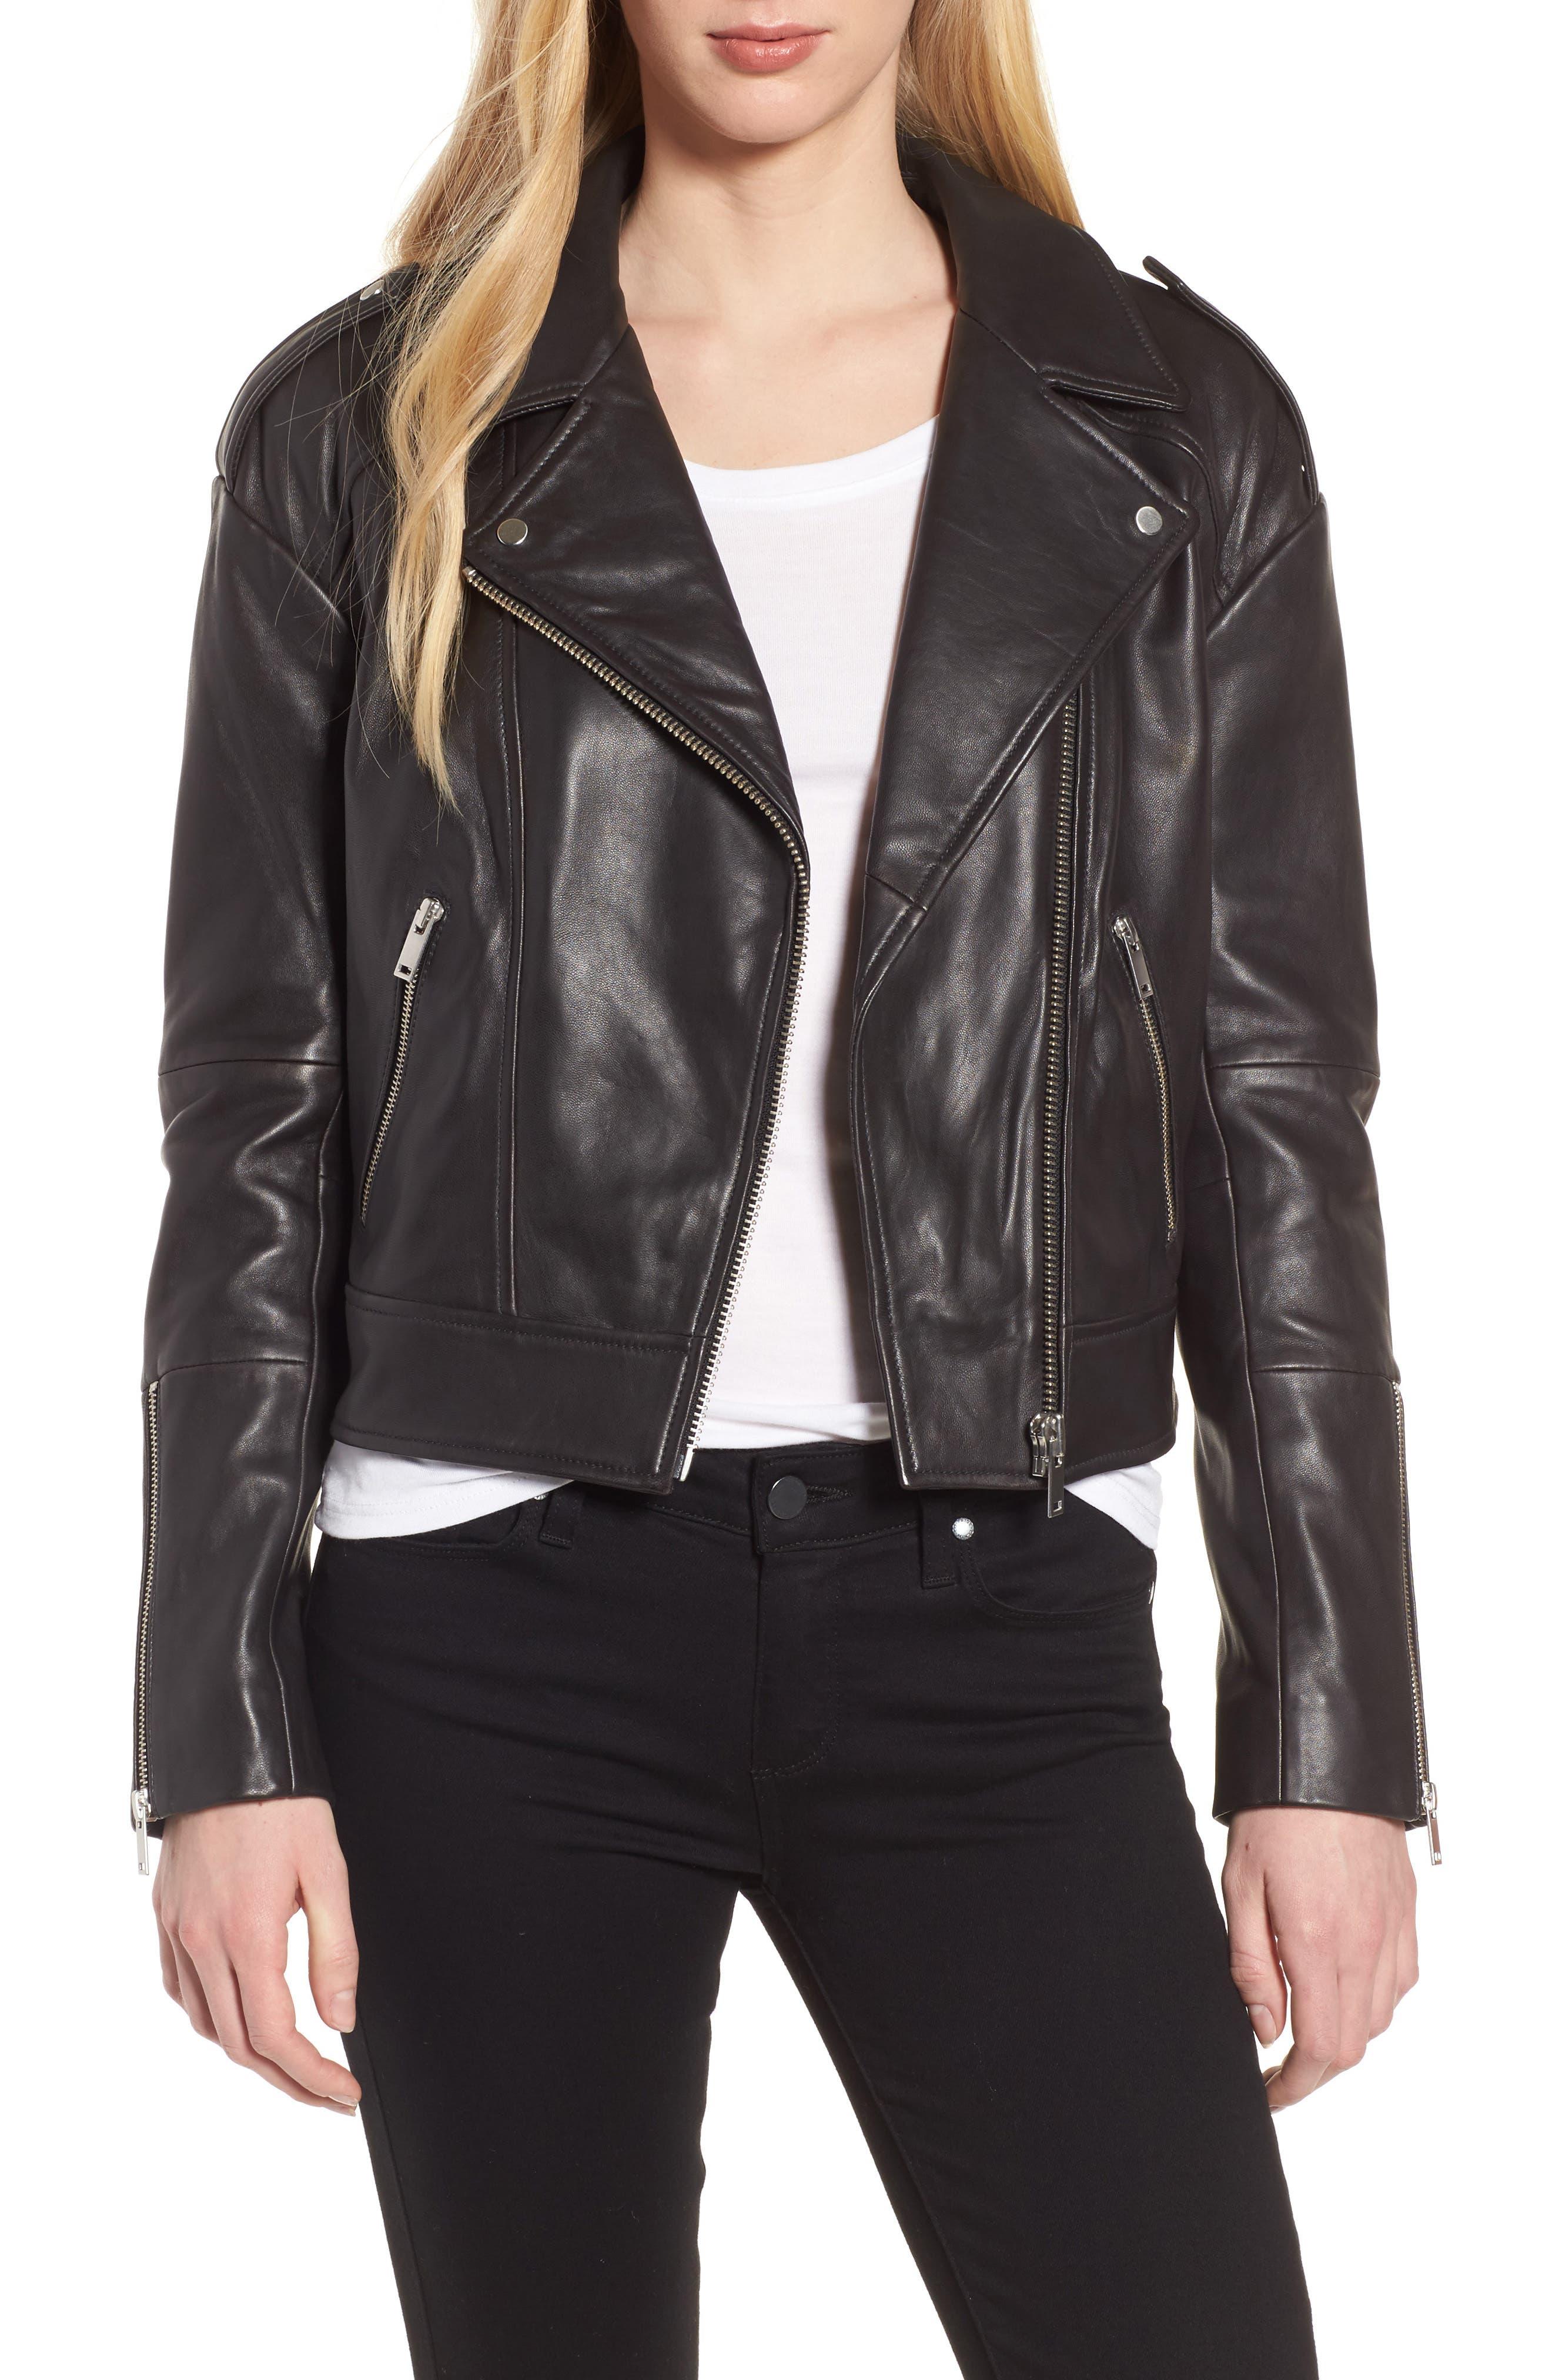 Trouvé Crop Leather Biker Jacket